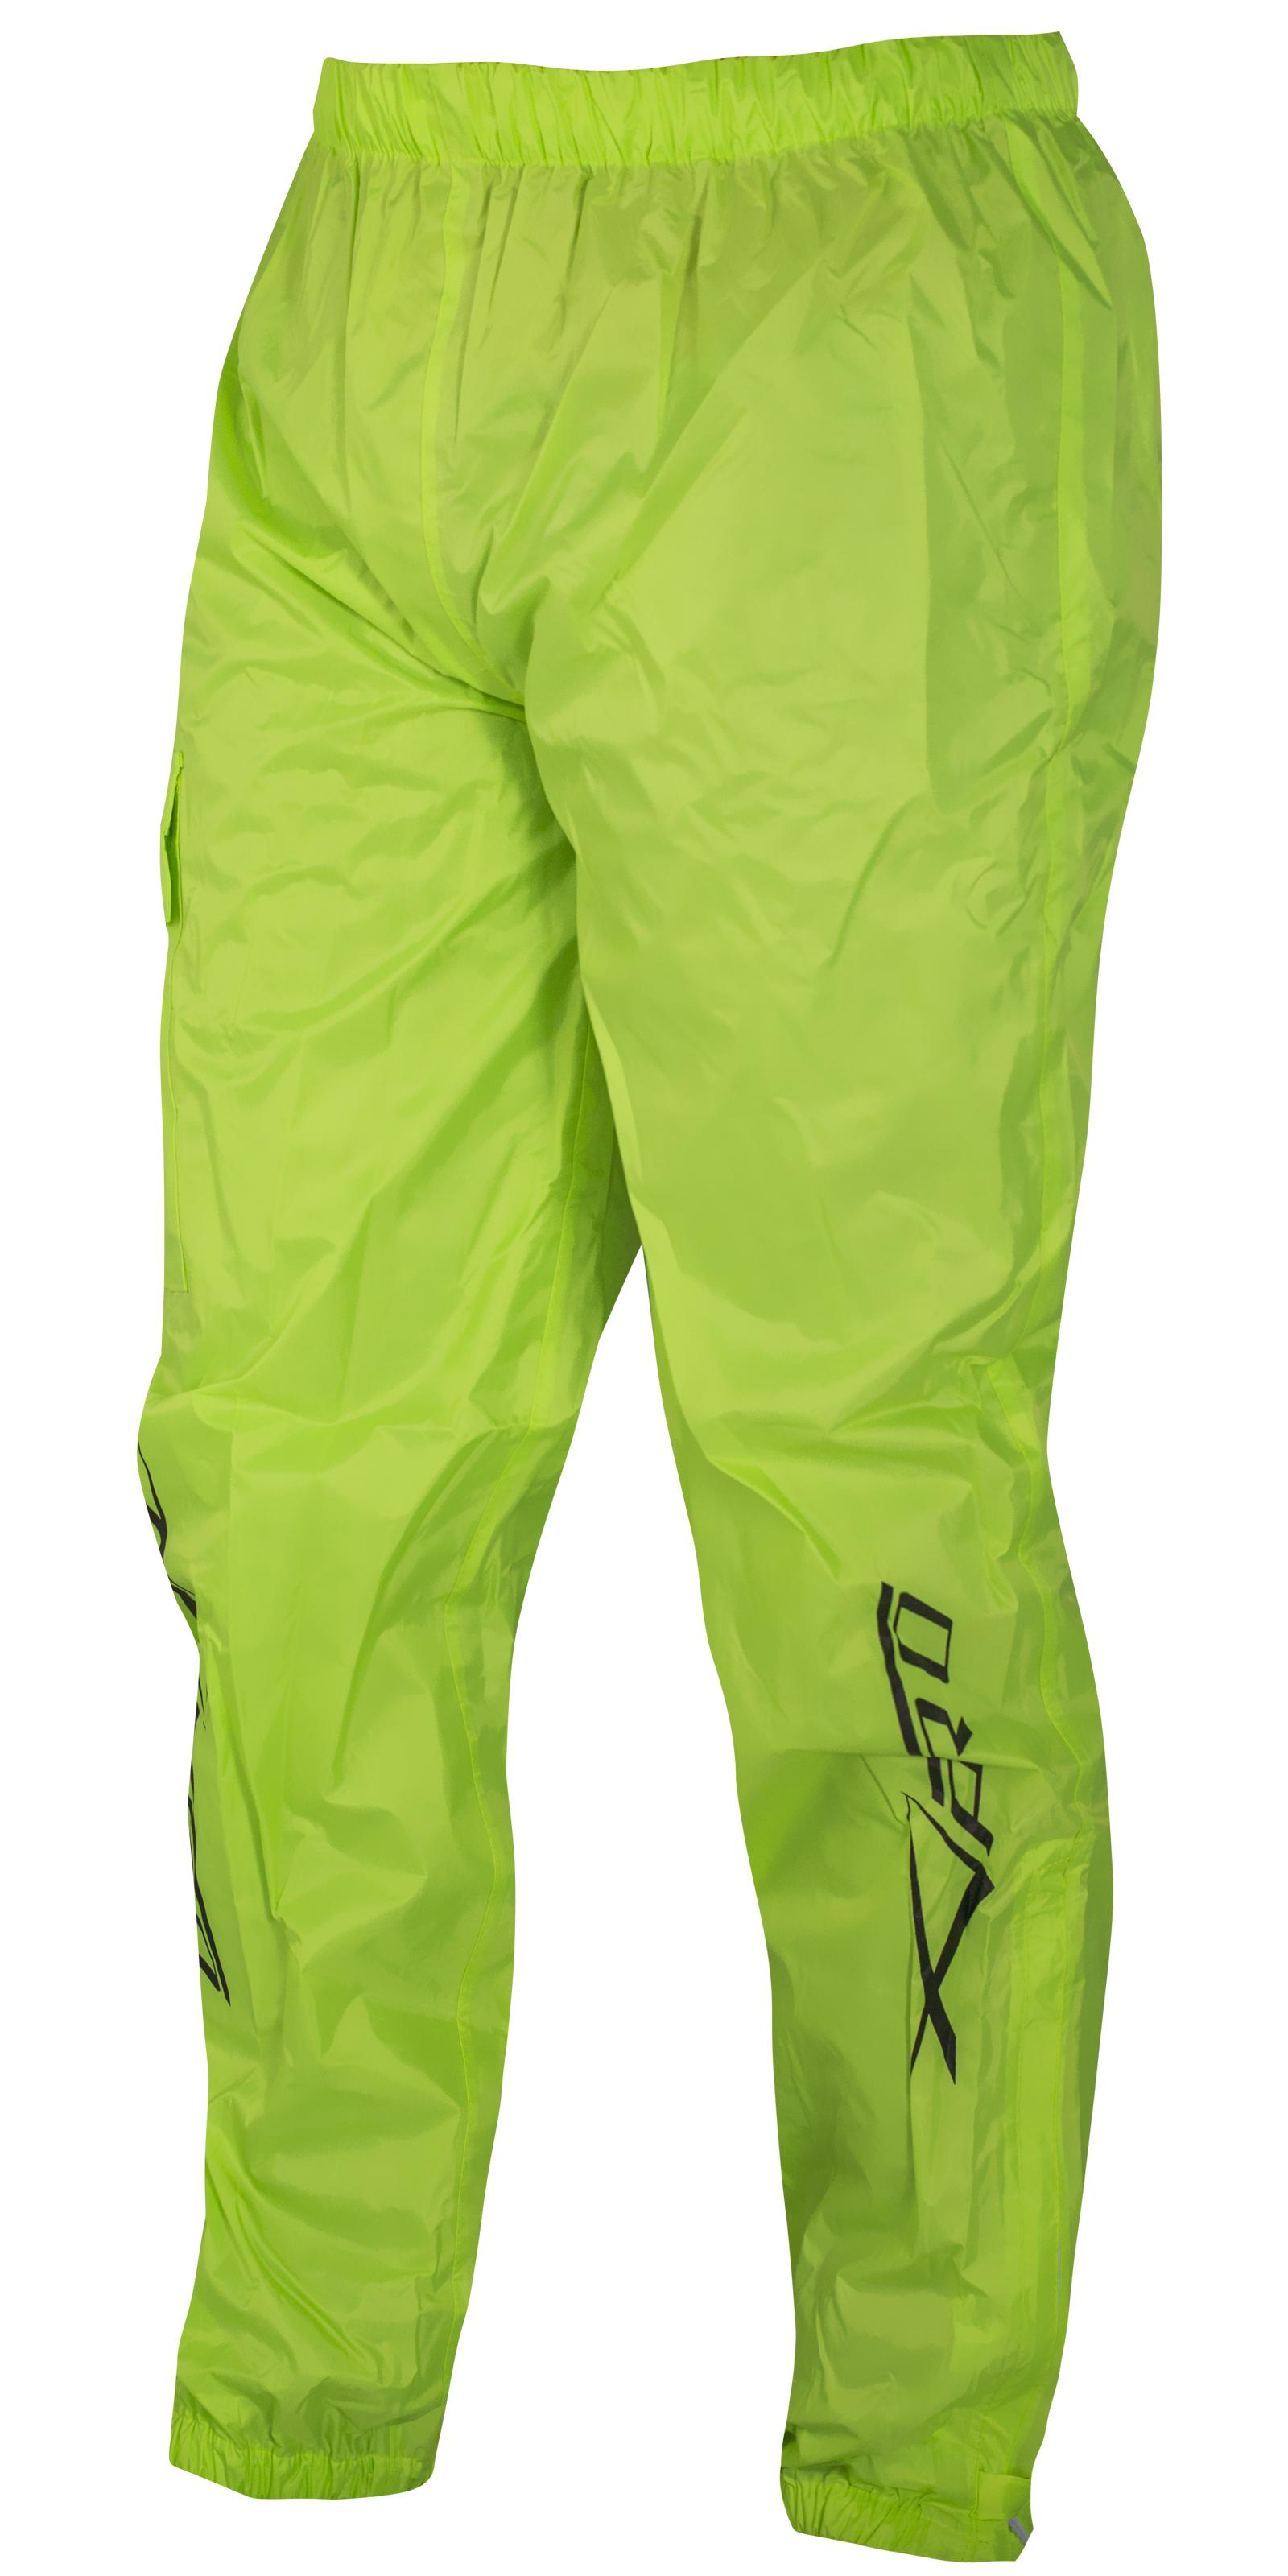 Tuta-Impermeabile-Giacca-Pantaloni-Combinazione-Antipioggia-alta-Visibilita miniatura 7